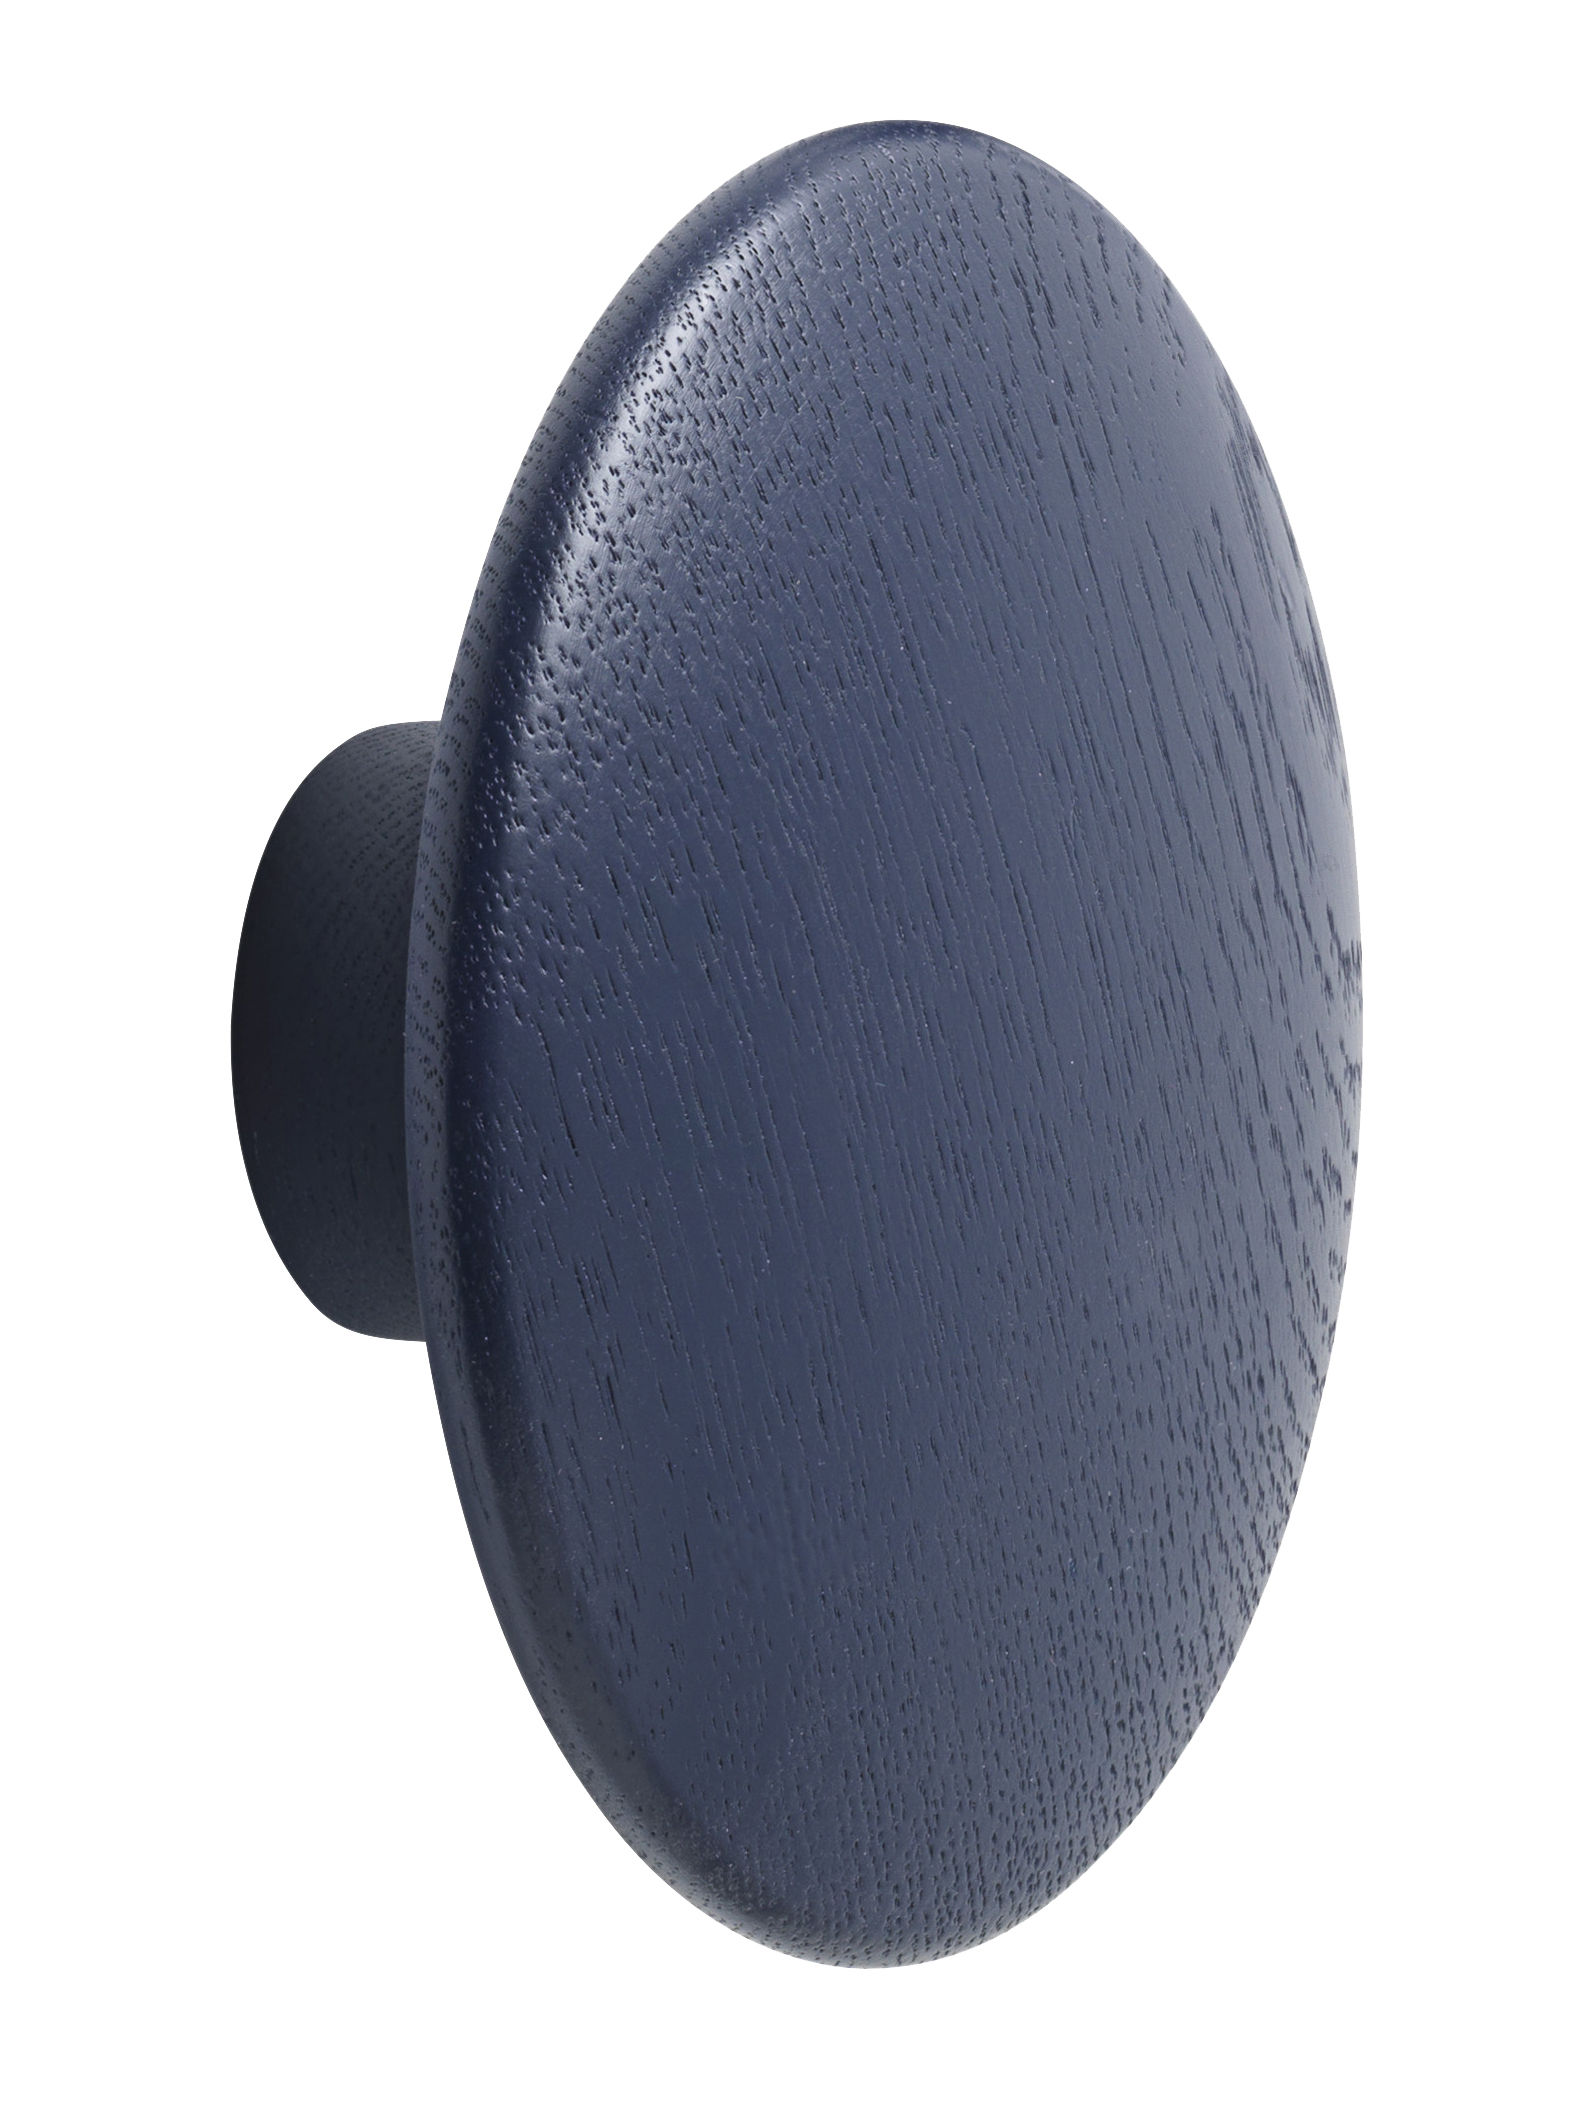 Mobilier - Portemanteaux, patères & portants - Patère The dots / Medium - Ø 13 cm - Muuto - Bleu nuit - Frêne teinté